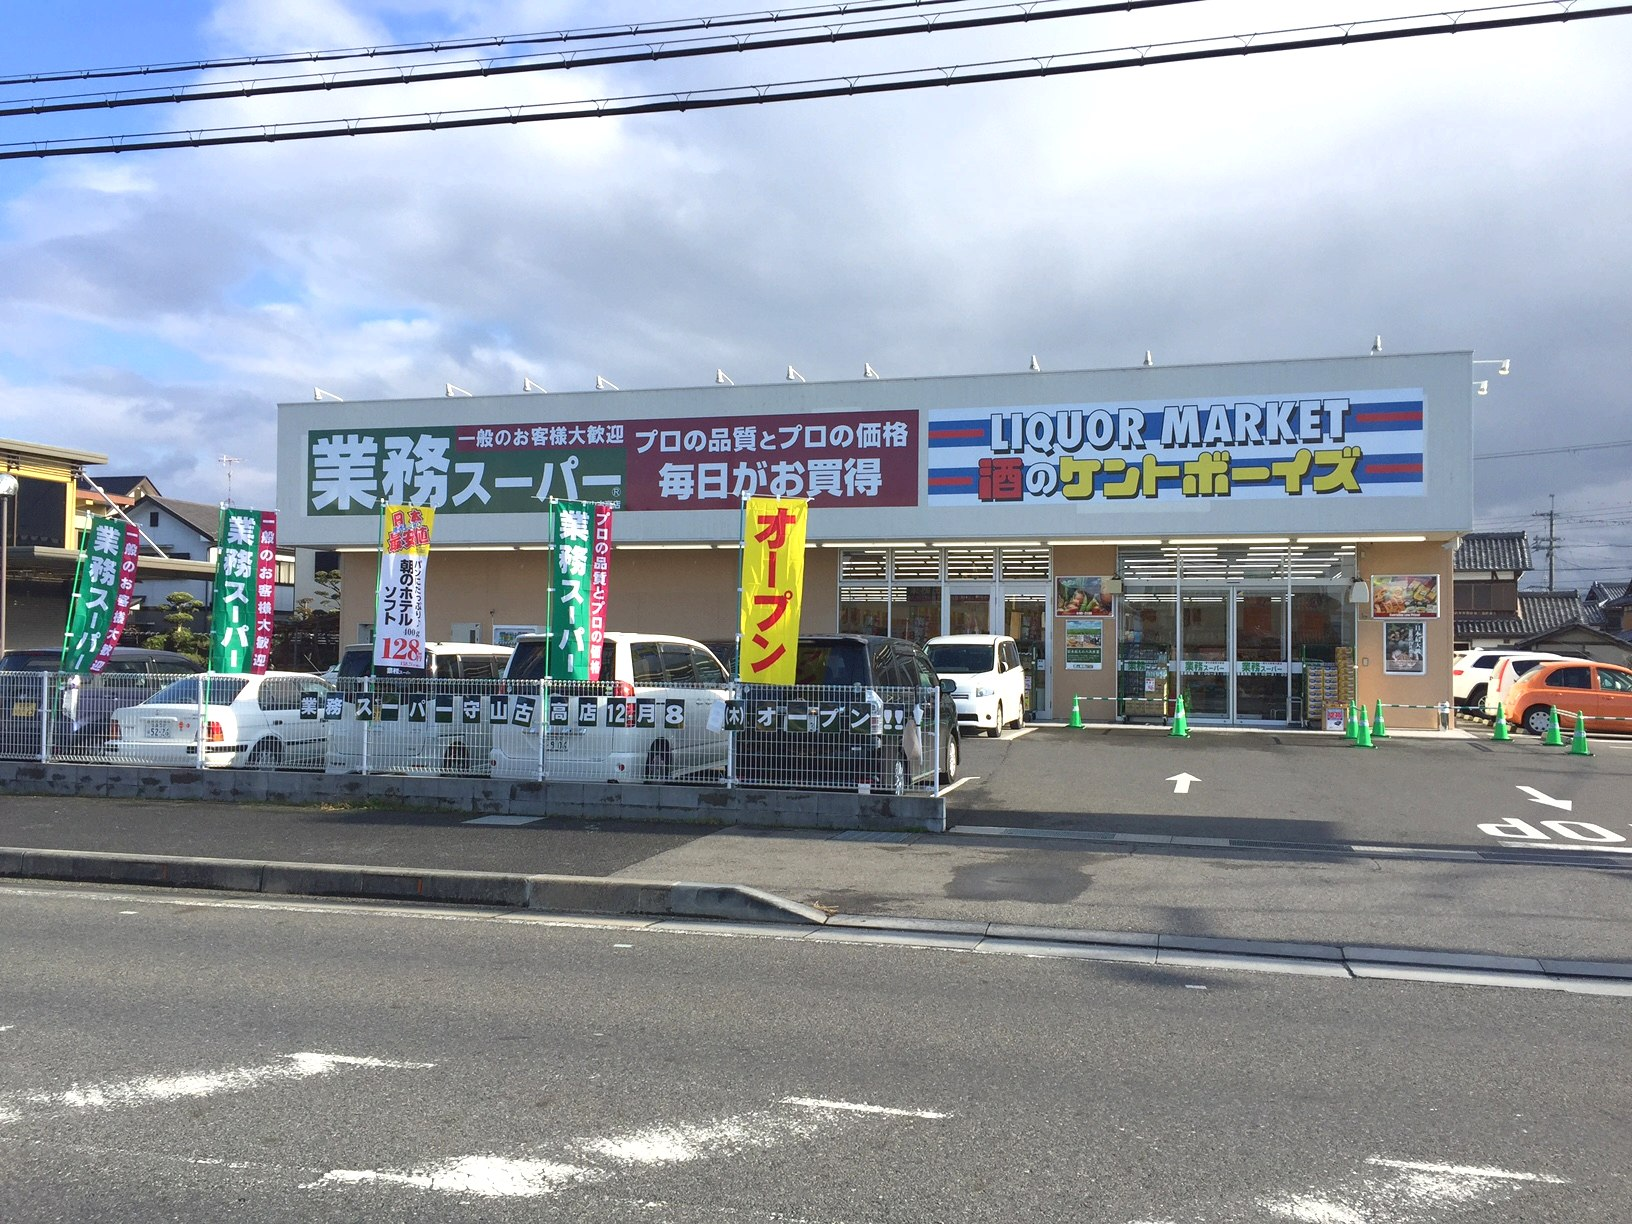 守山古高店 〒524-0044滋賀県守山市古高町283